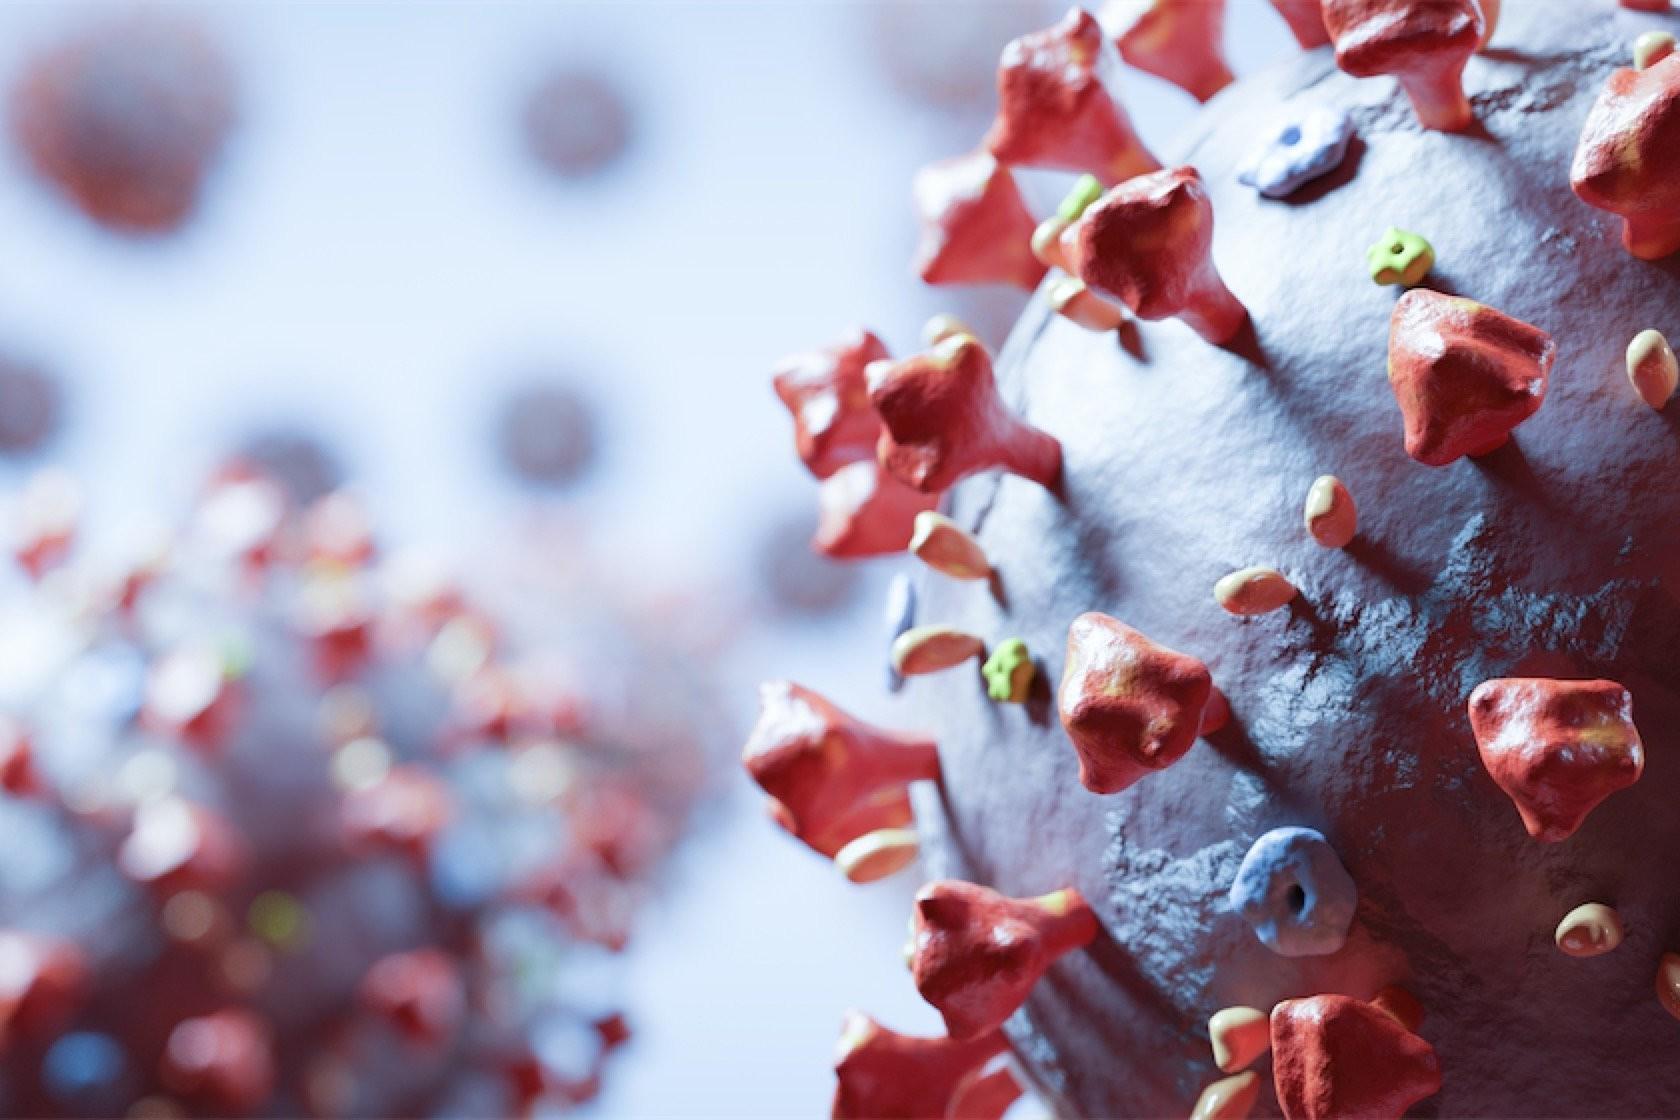 SEO-Optimierung in Krisenzeiten: Wenn Pandemien wie Corona (Covid-19) die Werte verfälschen 1